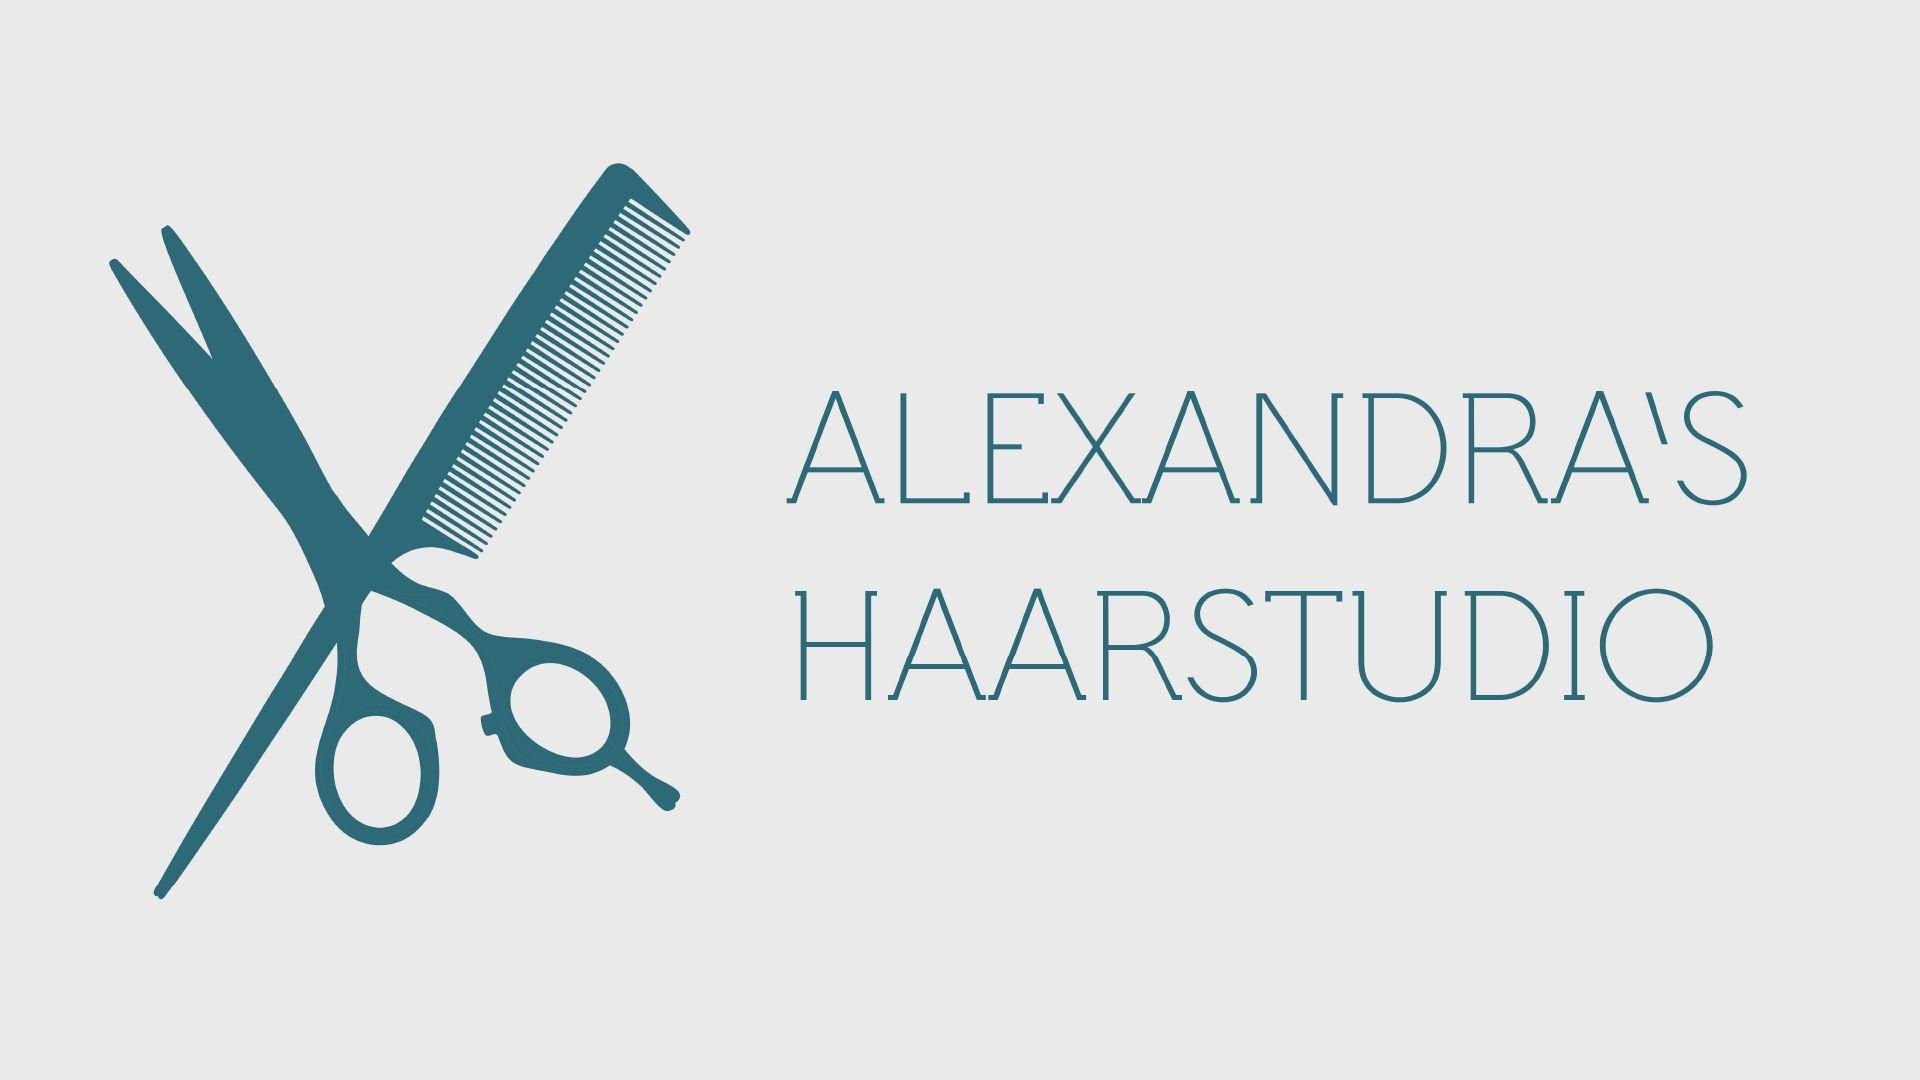 Alexandras Haarstudio